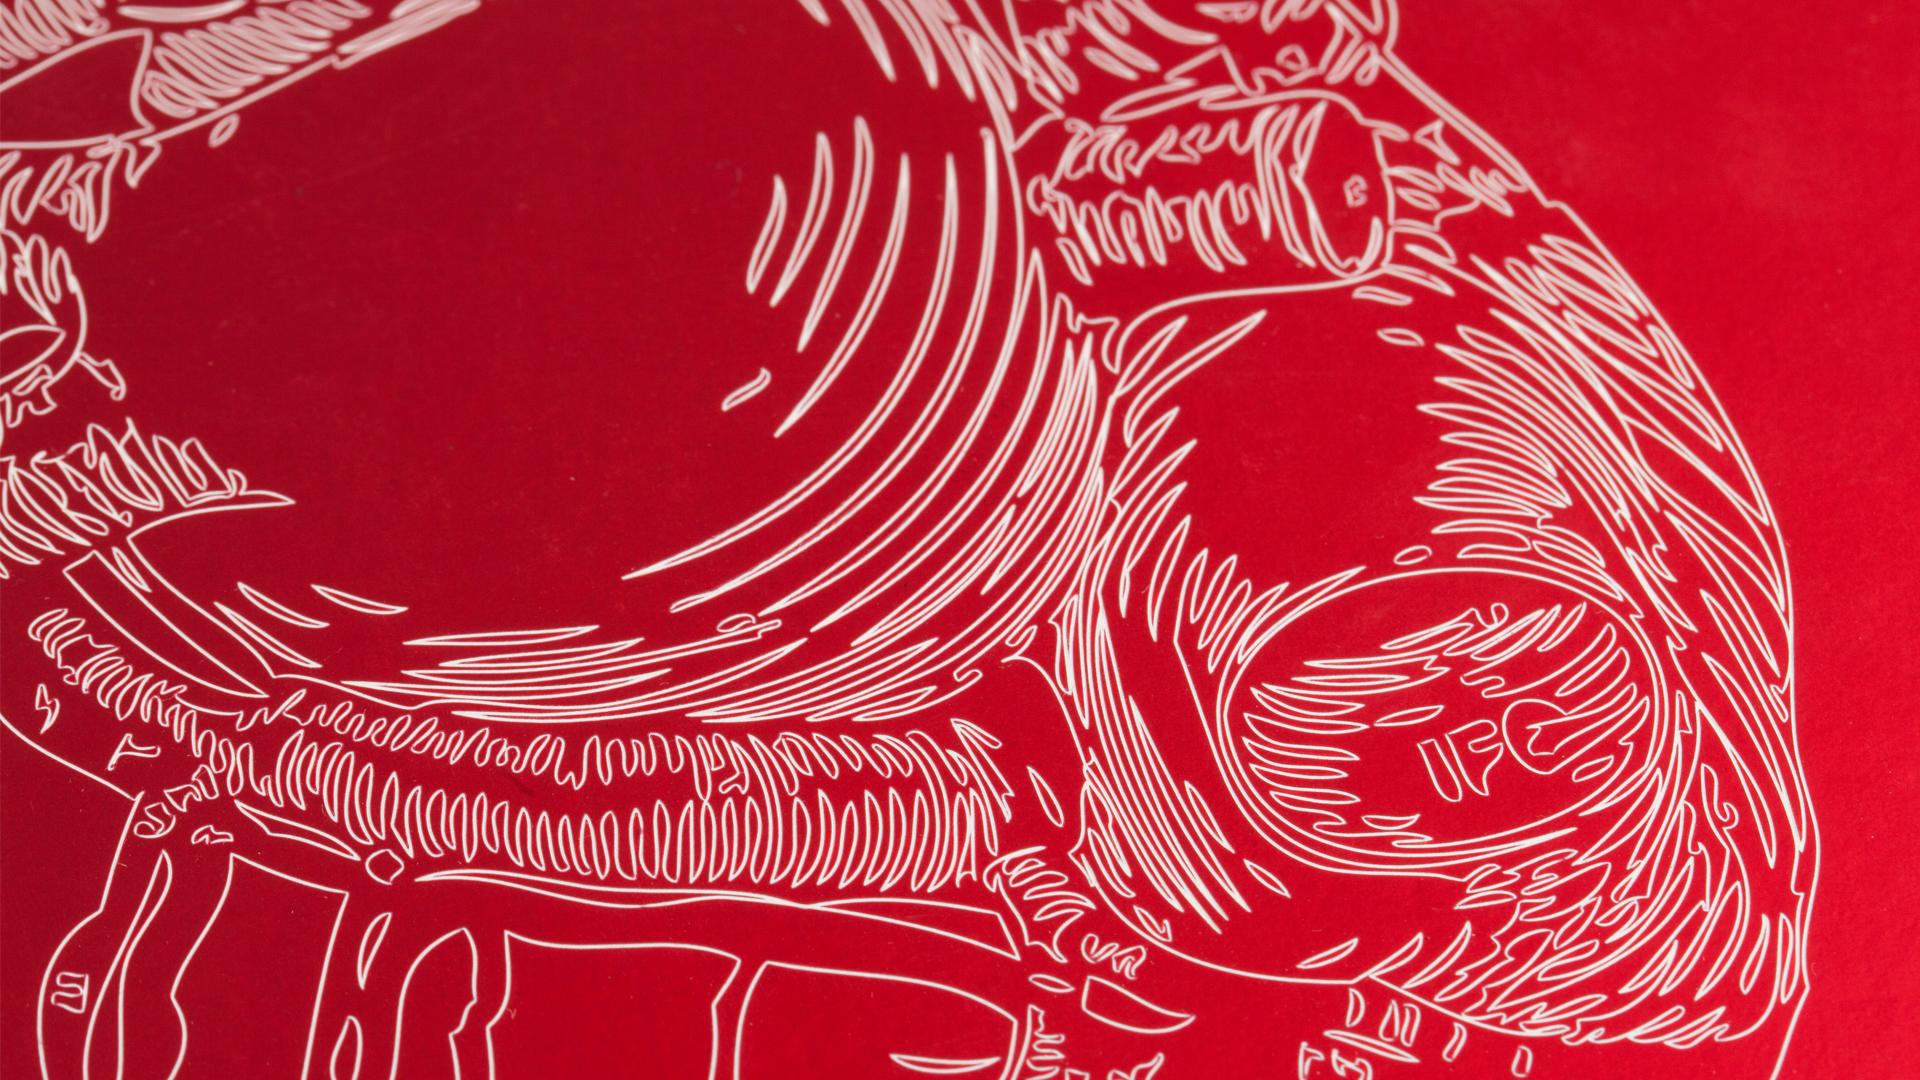 Detail einer Lasergravur in Form eines Herzens